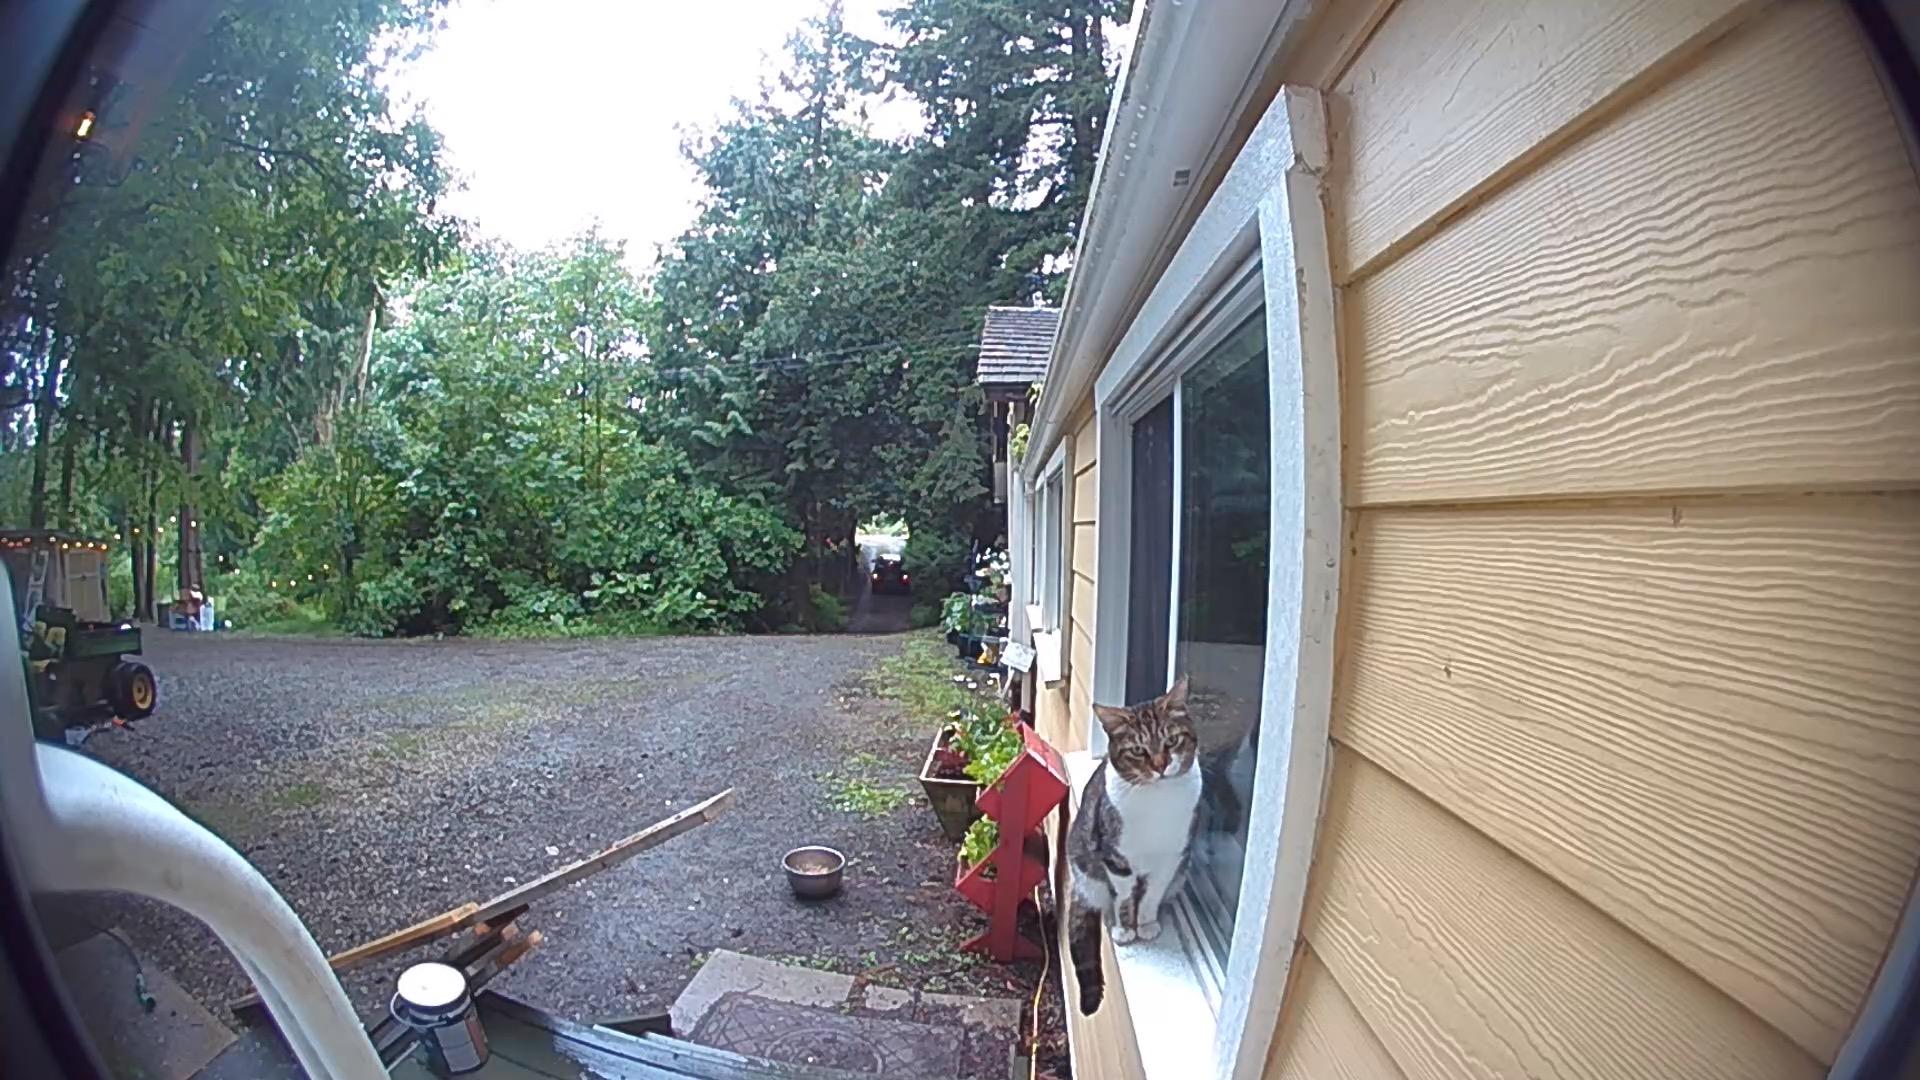 Ring Video doorbell 3 Plus snapshot